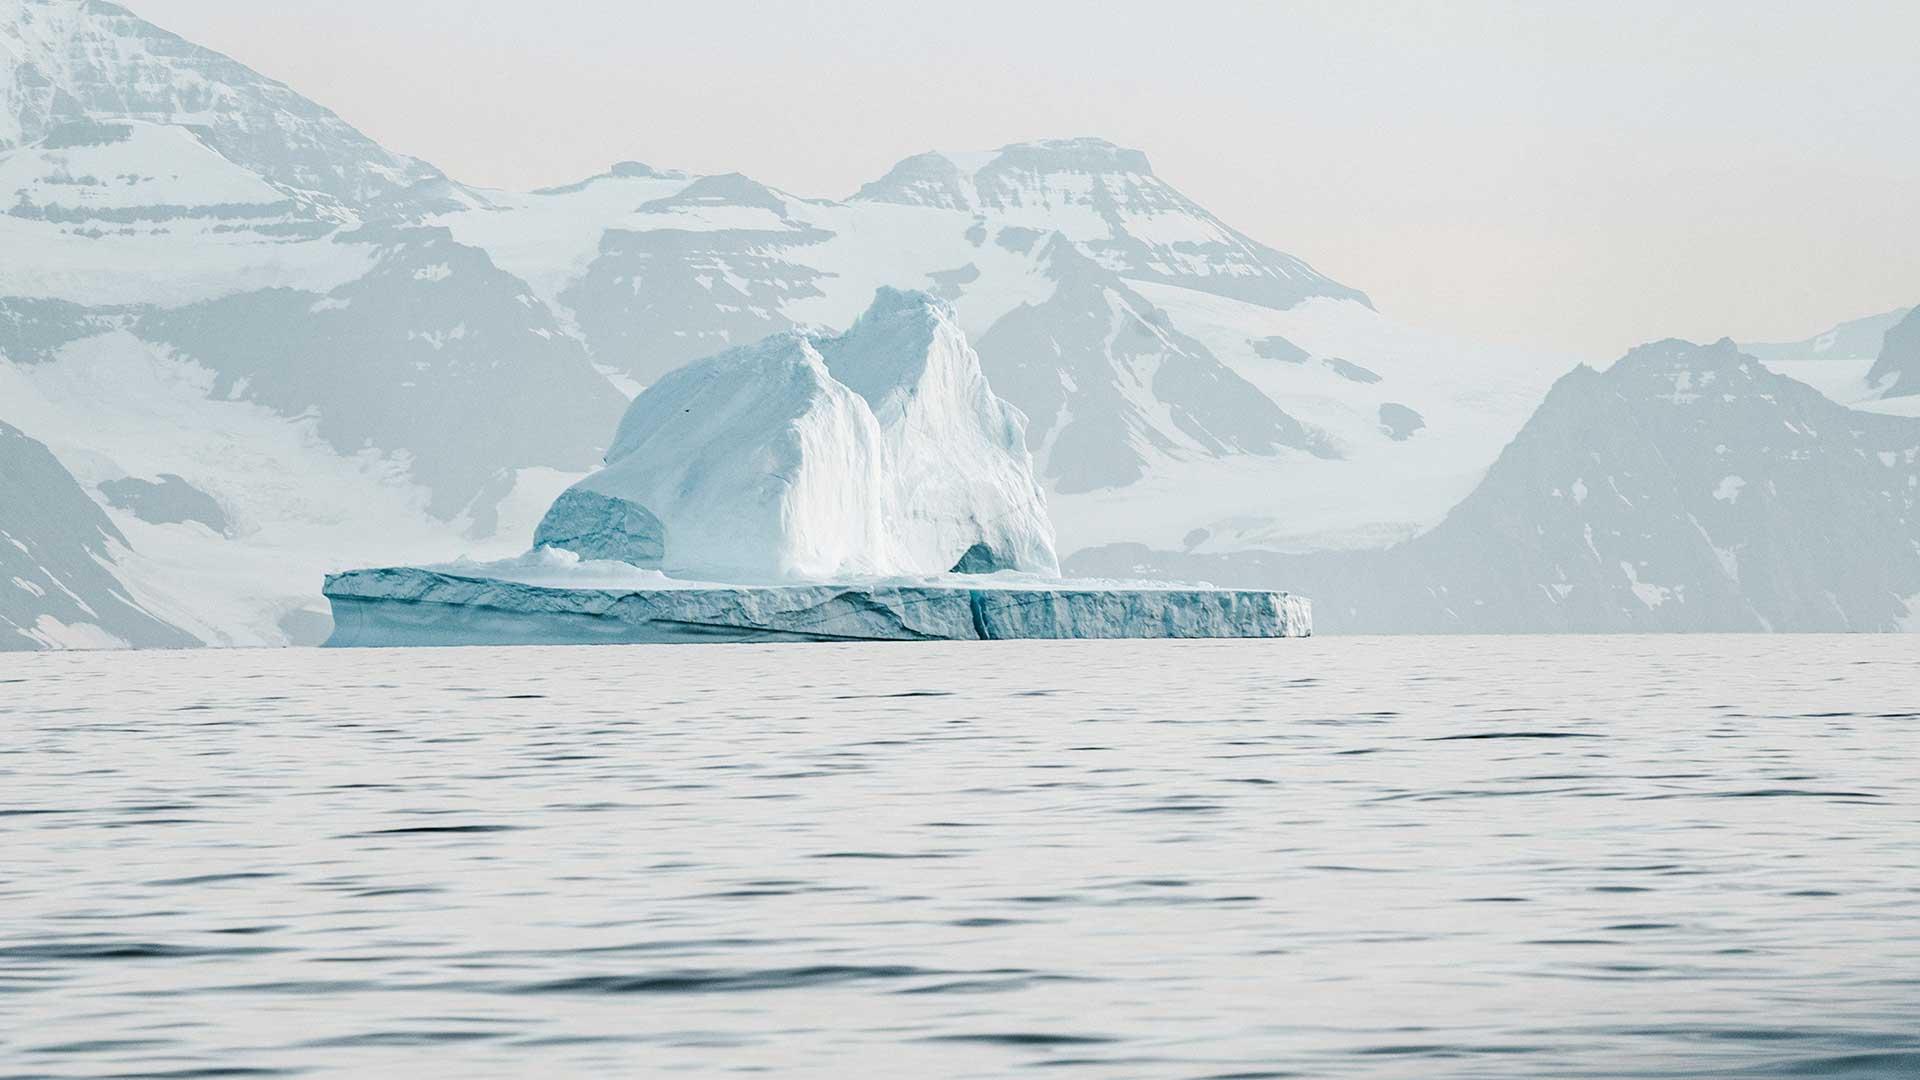 Ein Eisberg in der Arktis